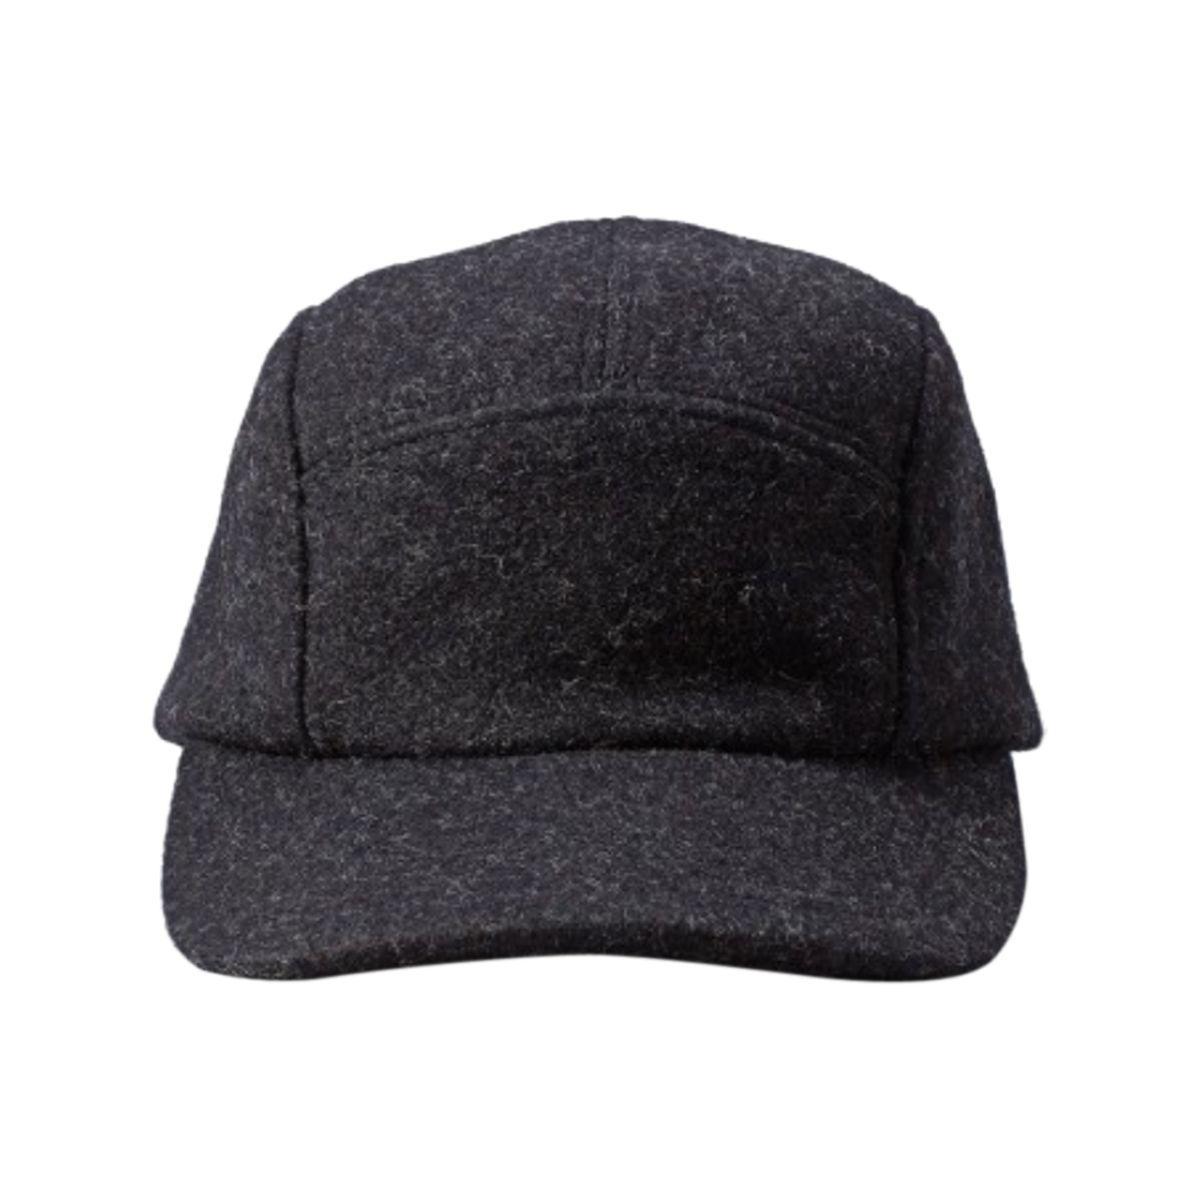 4dc5b178501 ... Cap for Men - Lyst. View fullscreen